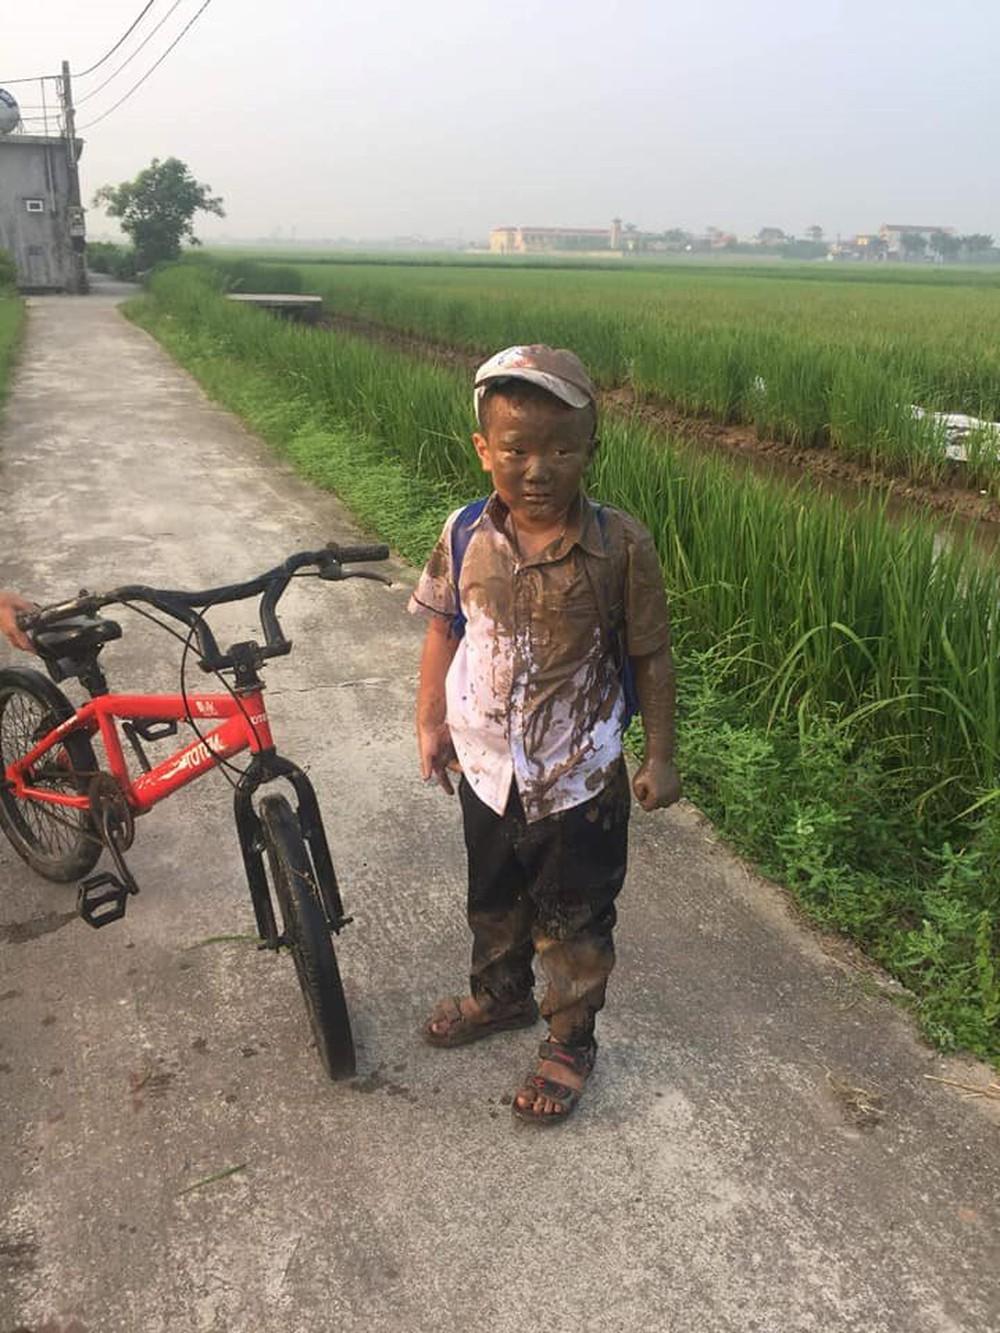 Đang yên đang lành thì đồng ruộng tự nhiên va vào người, cậu bé nâu từ đầu đến chân như thỏi socola đang chảy nước - Ảnh 4.